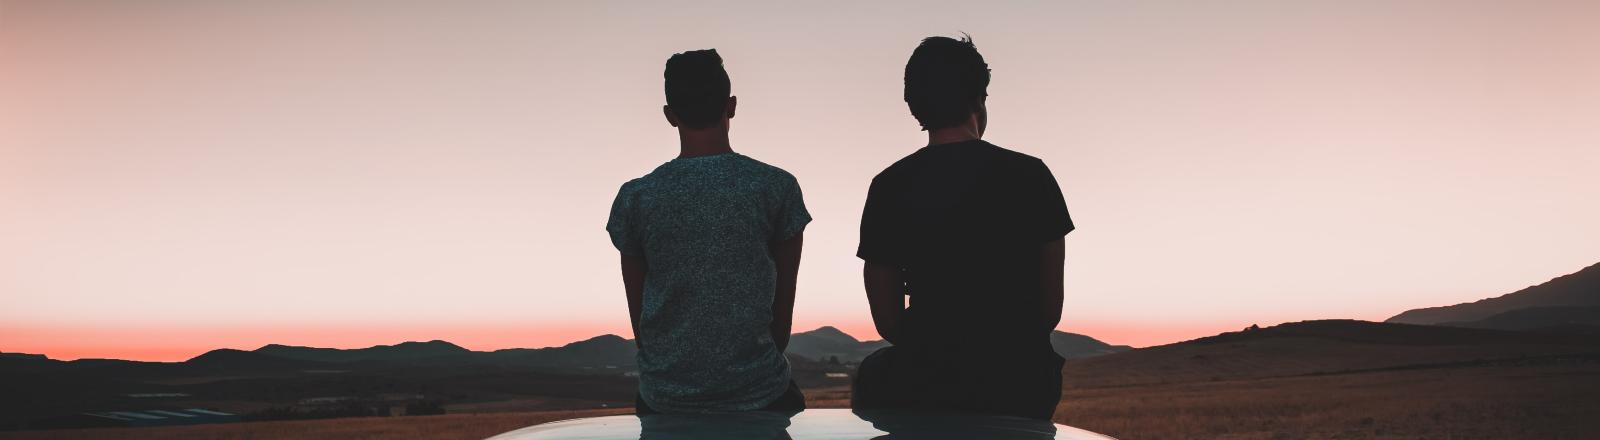 Zwei Männer sitzen auf einem Autodach.